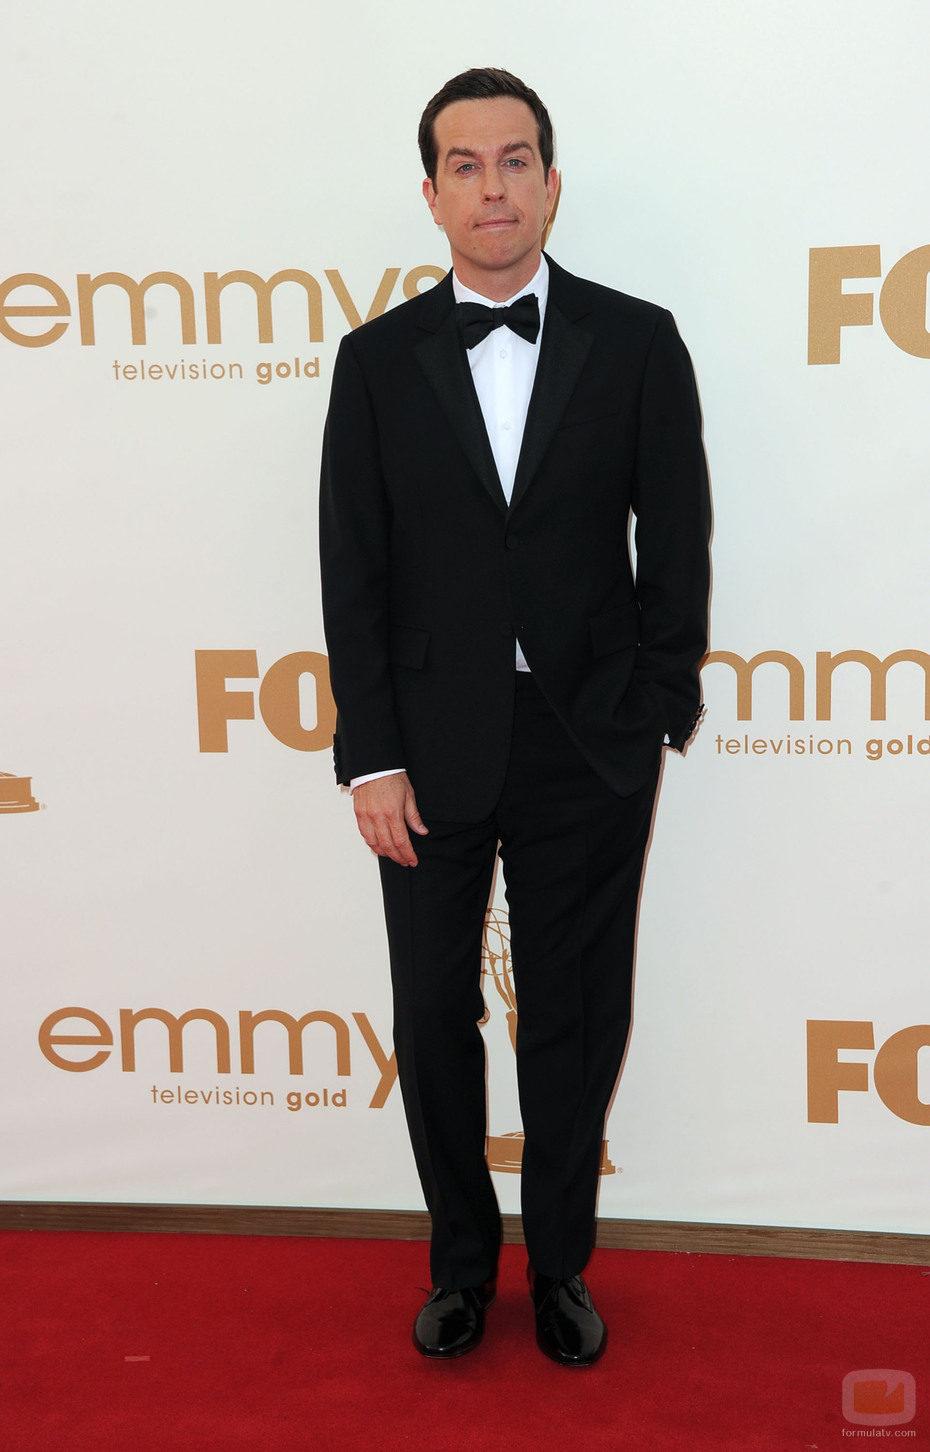 Ed Helms de 'The Office' en los Emmy 2011